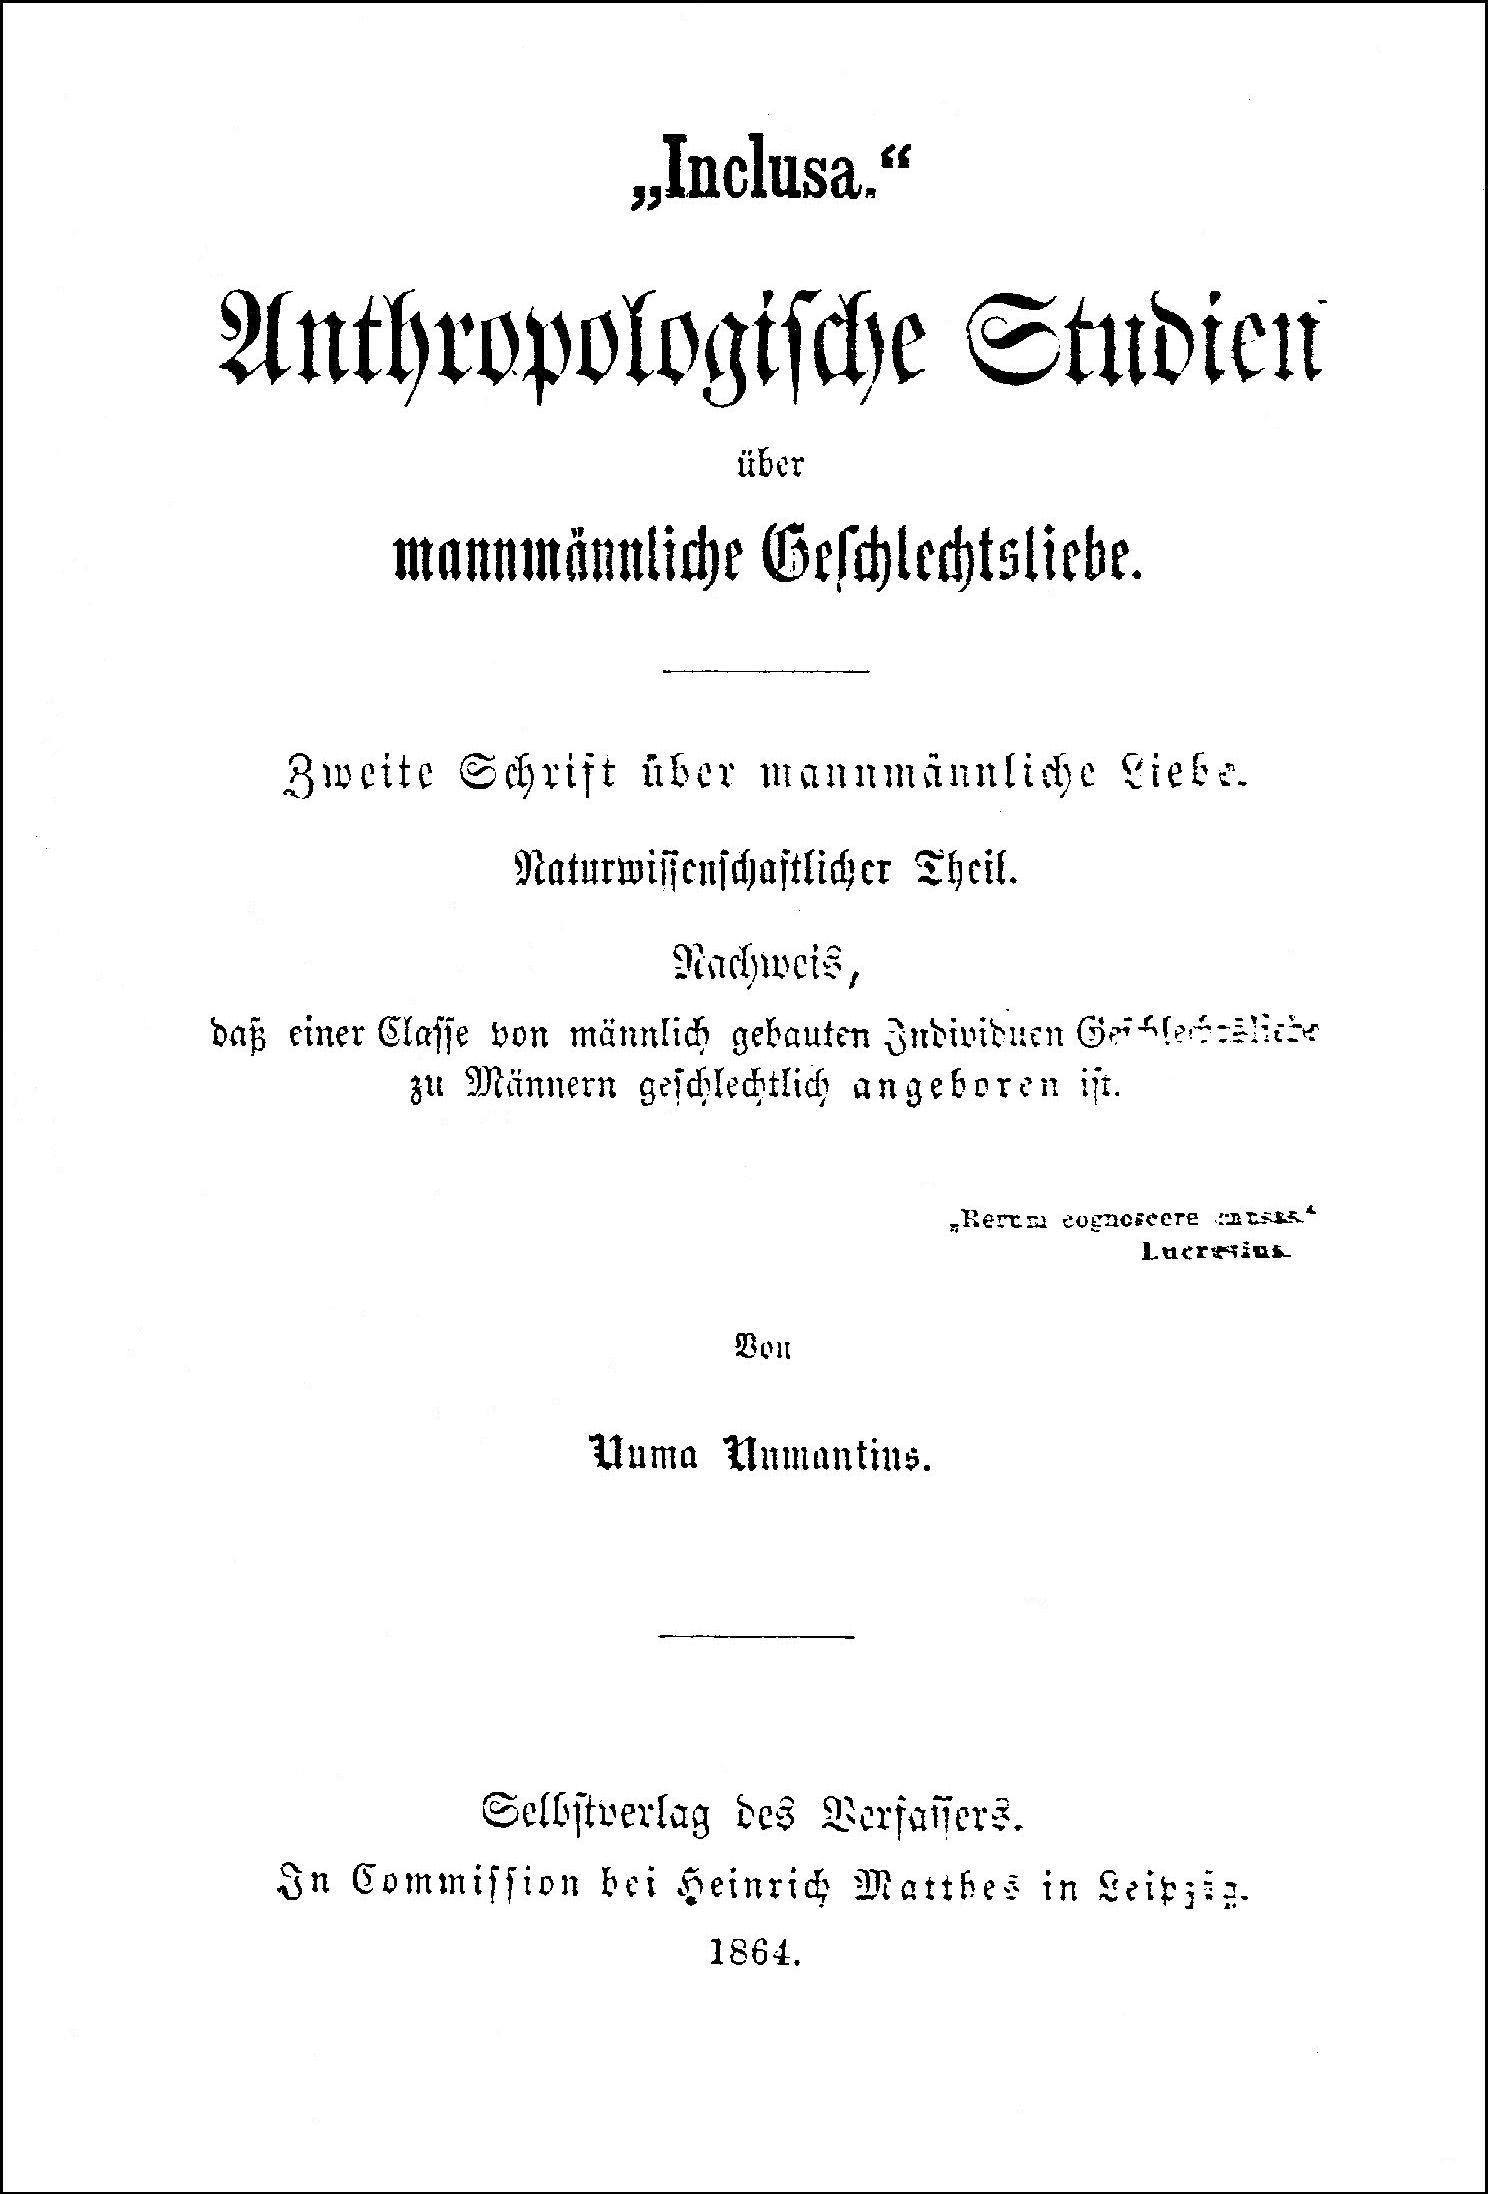 Titlepage of Karl Heinrich Ulrichs' Inclusa, 1864